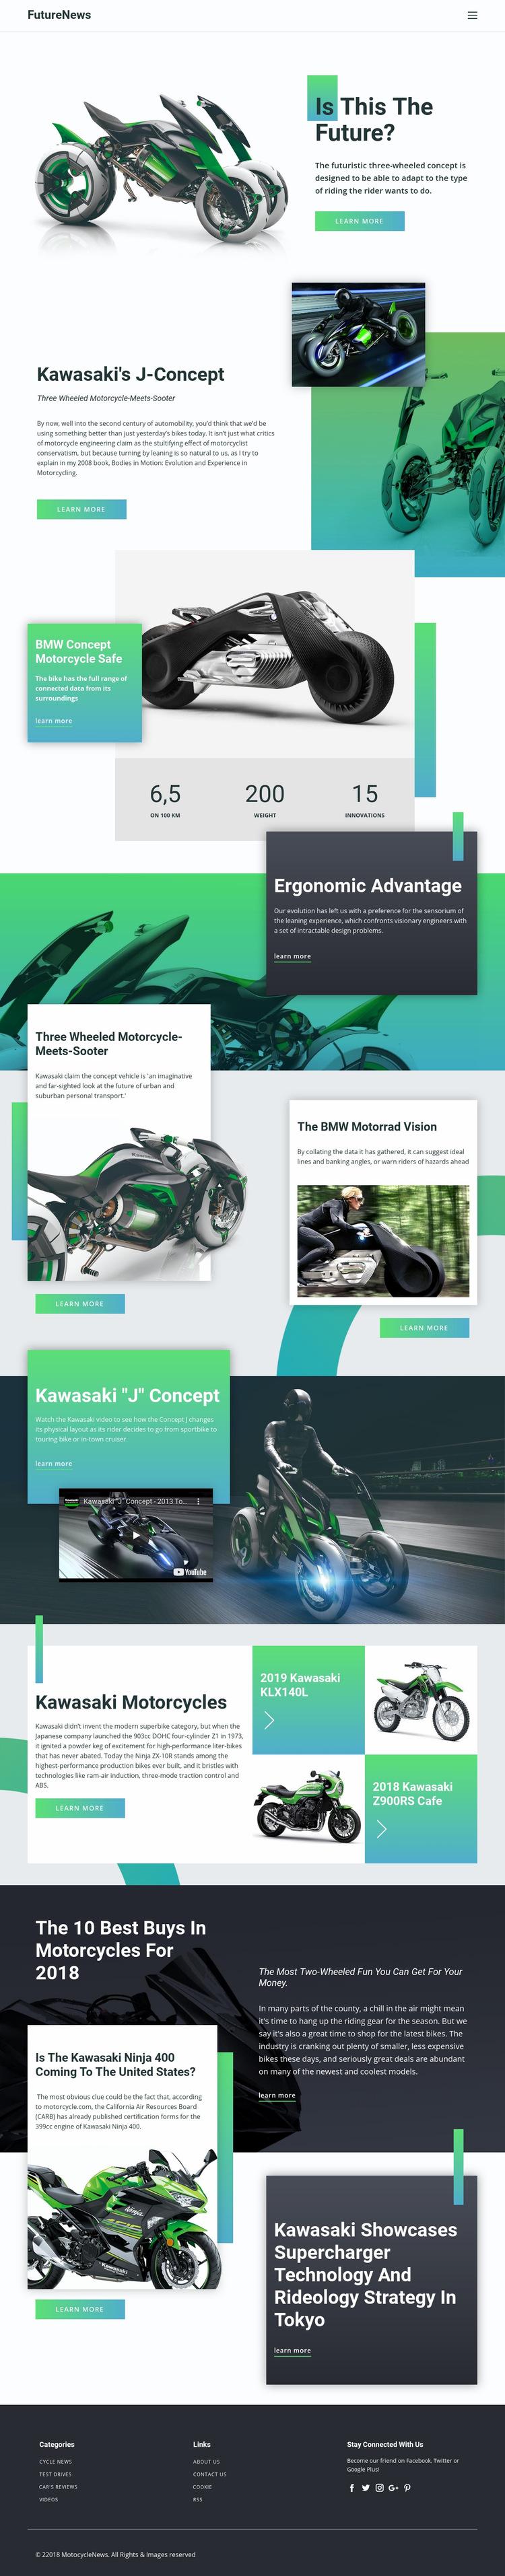 Future News Web Page Design